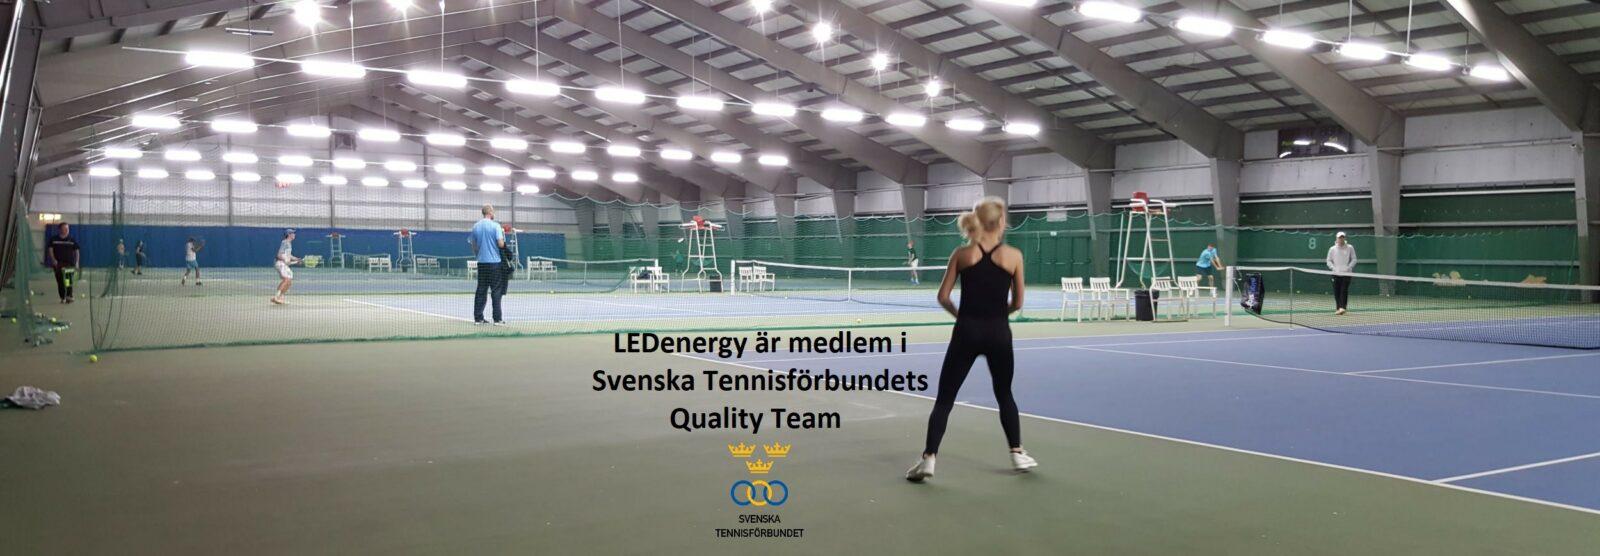 LEDenergy är medlem i Svenska Tennisförbundets Quality Team